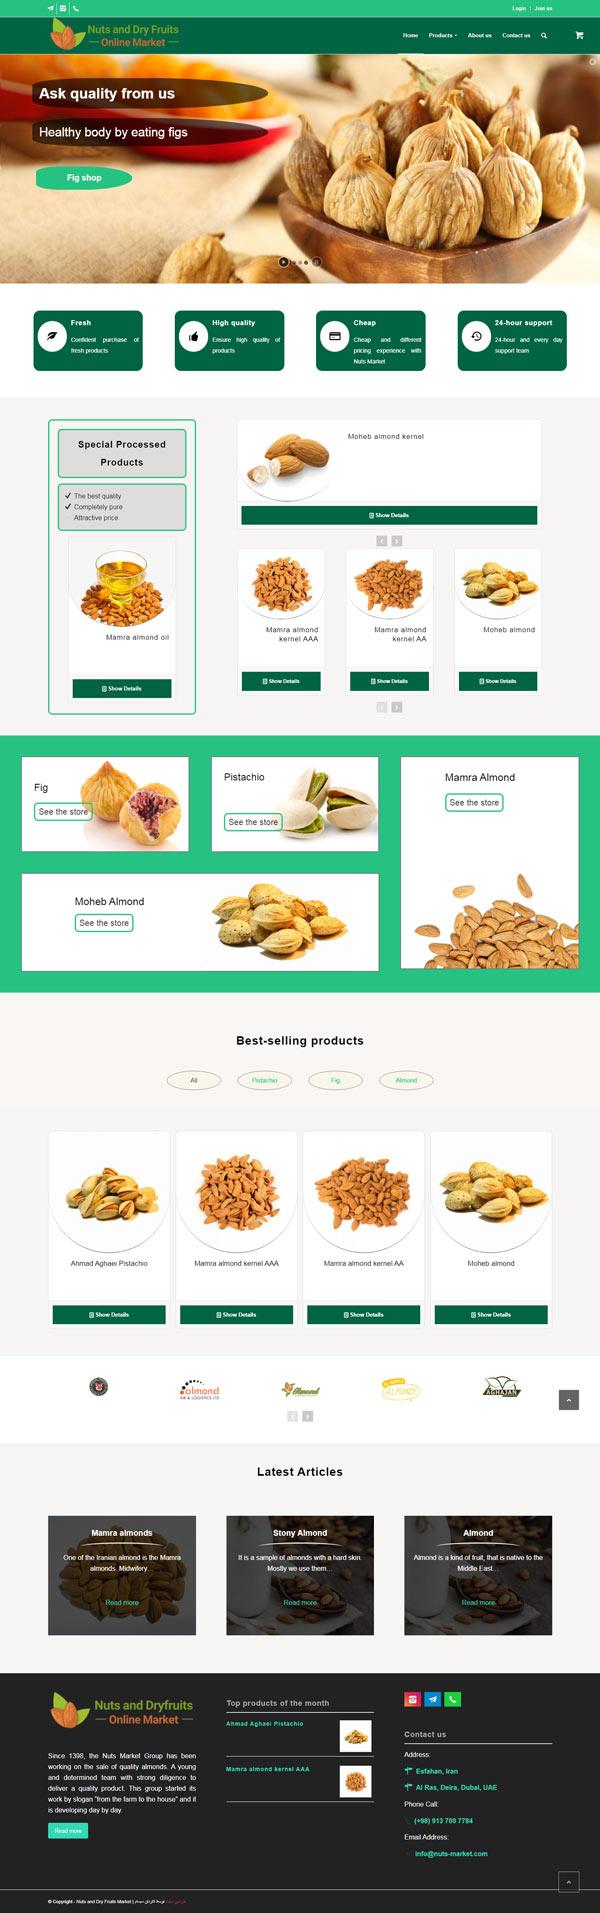 طراحی سایت ناتس مارکت | فروشگاه بینالمللی خشکبار